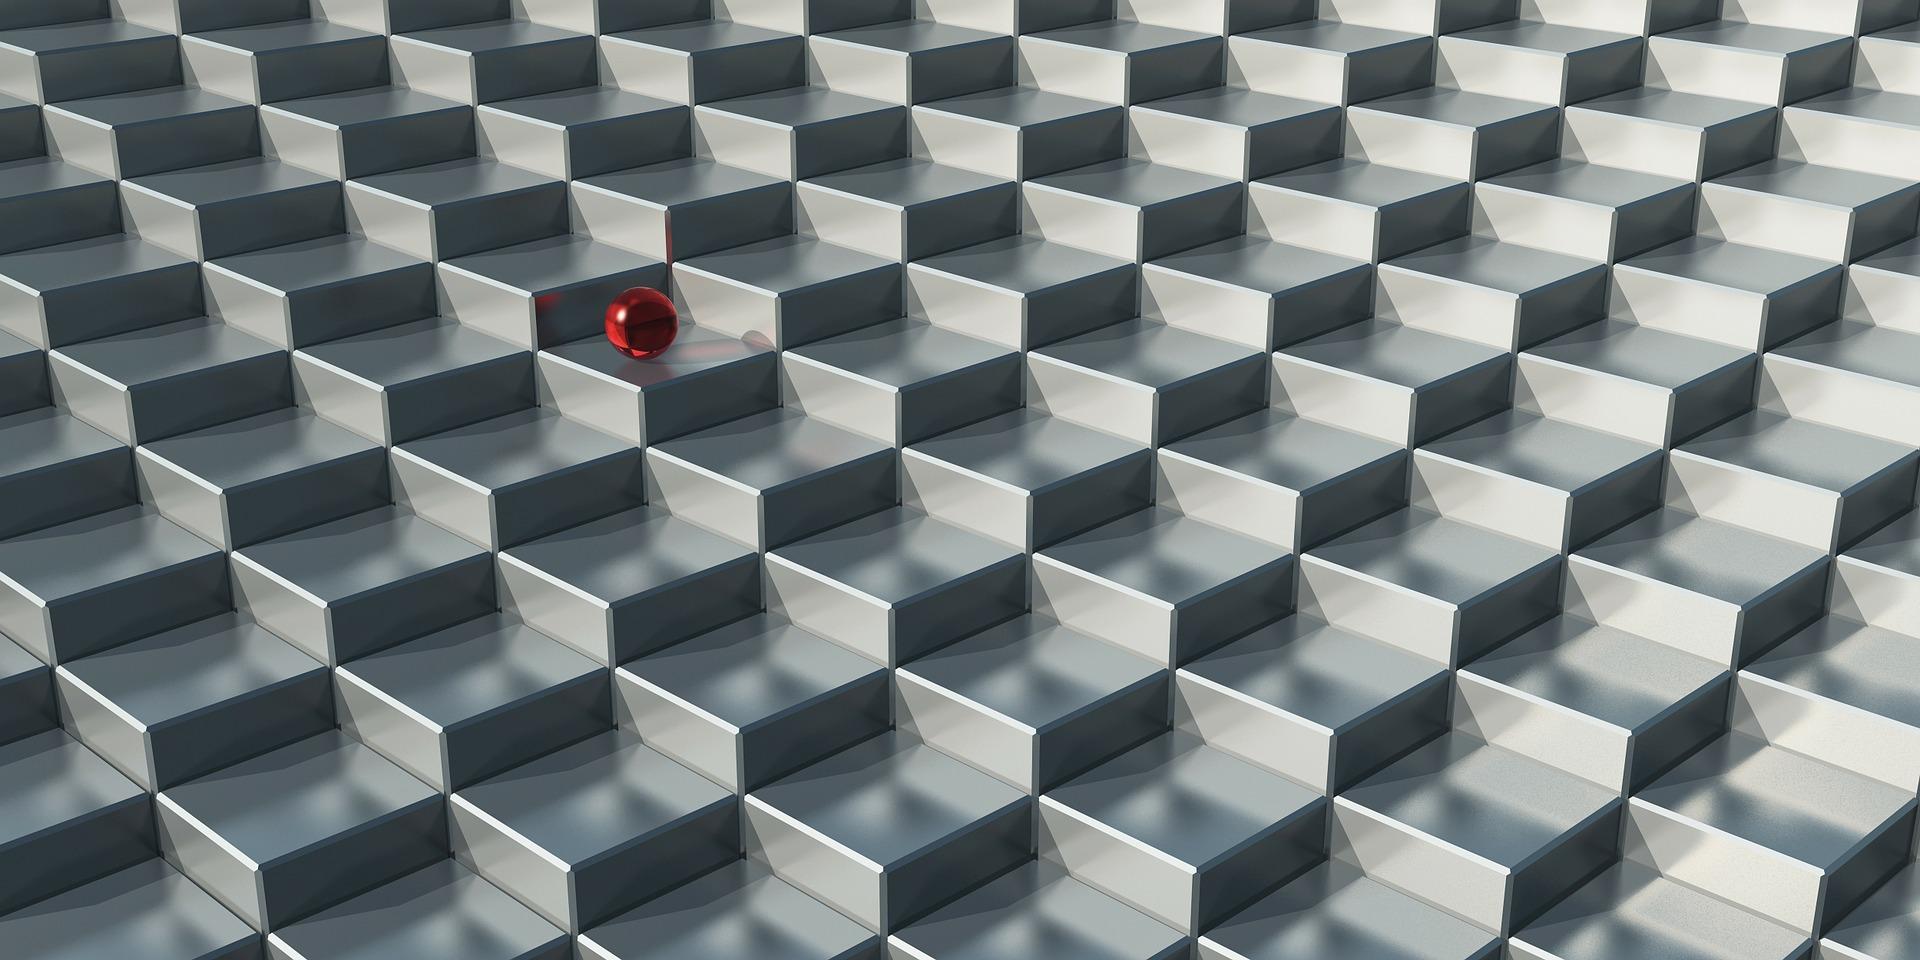 Illusion Desktop Wallpaper - WallpaperSafari